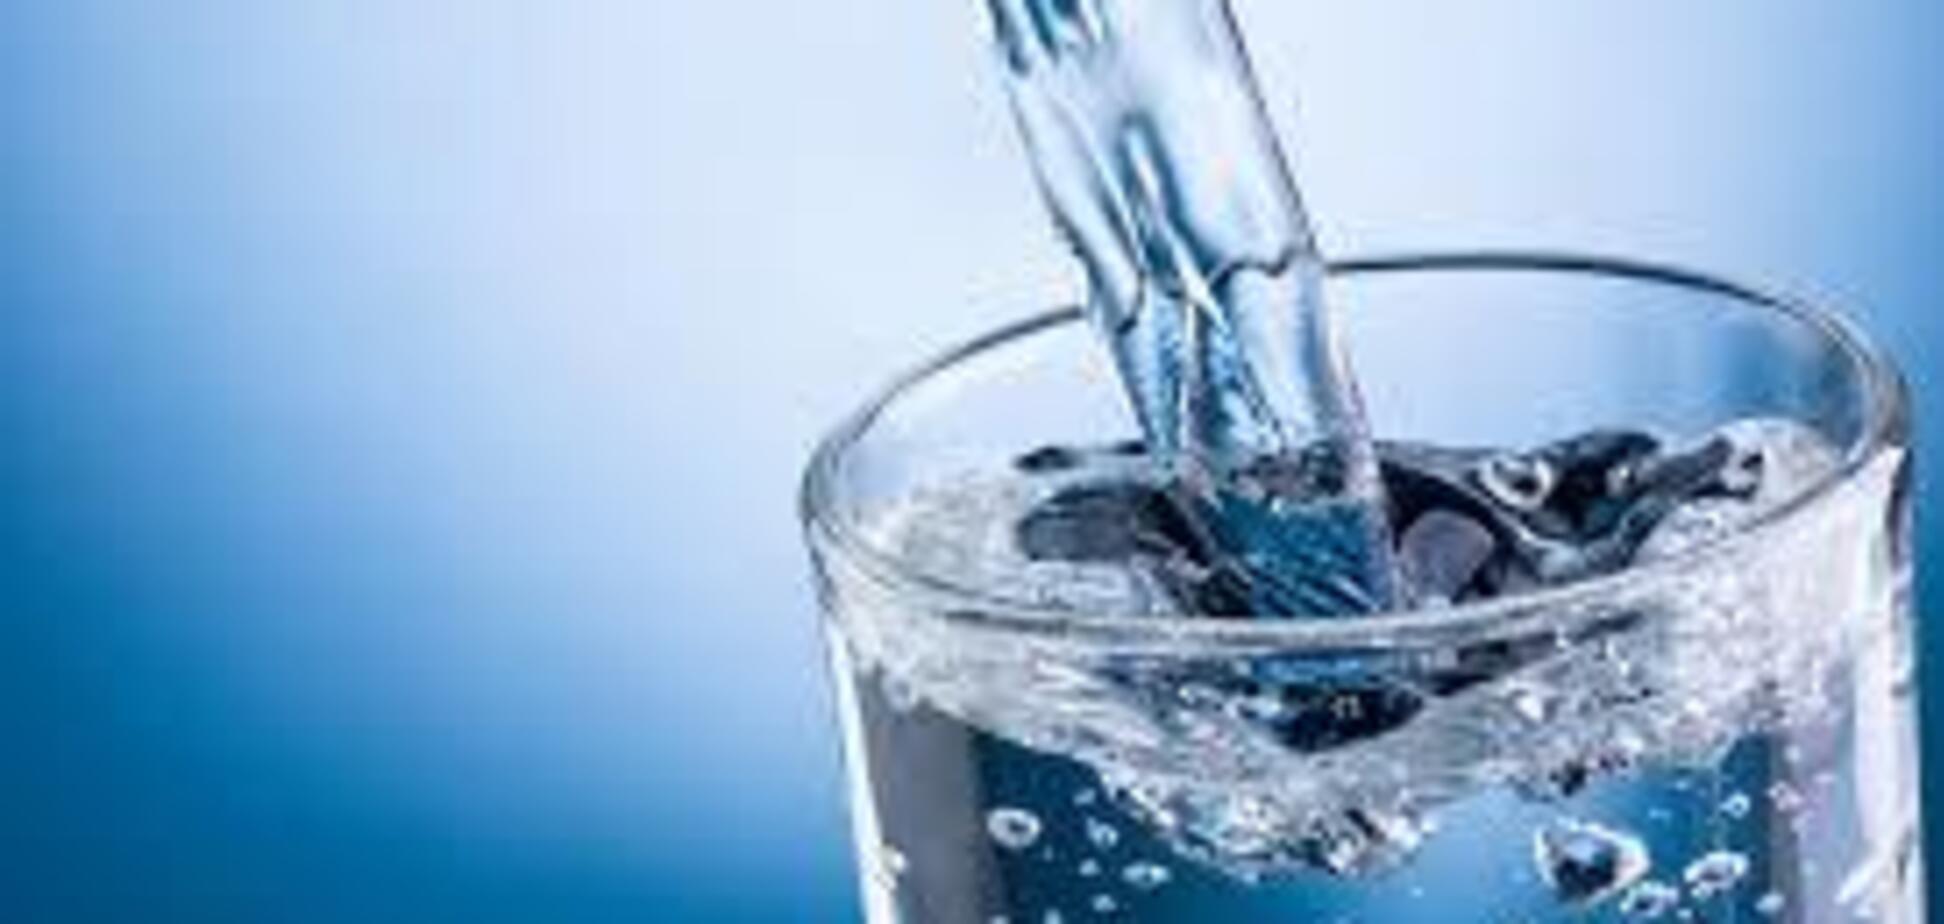 Невероятная польза теплой воды в холодное время